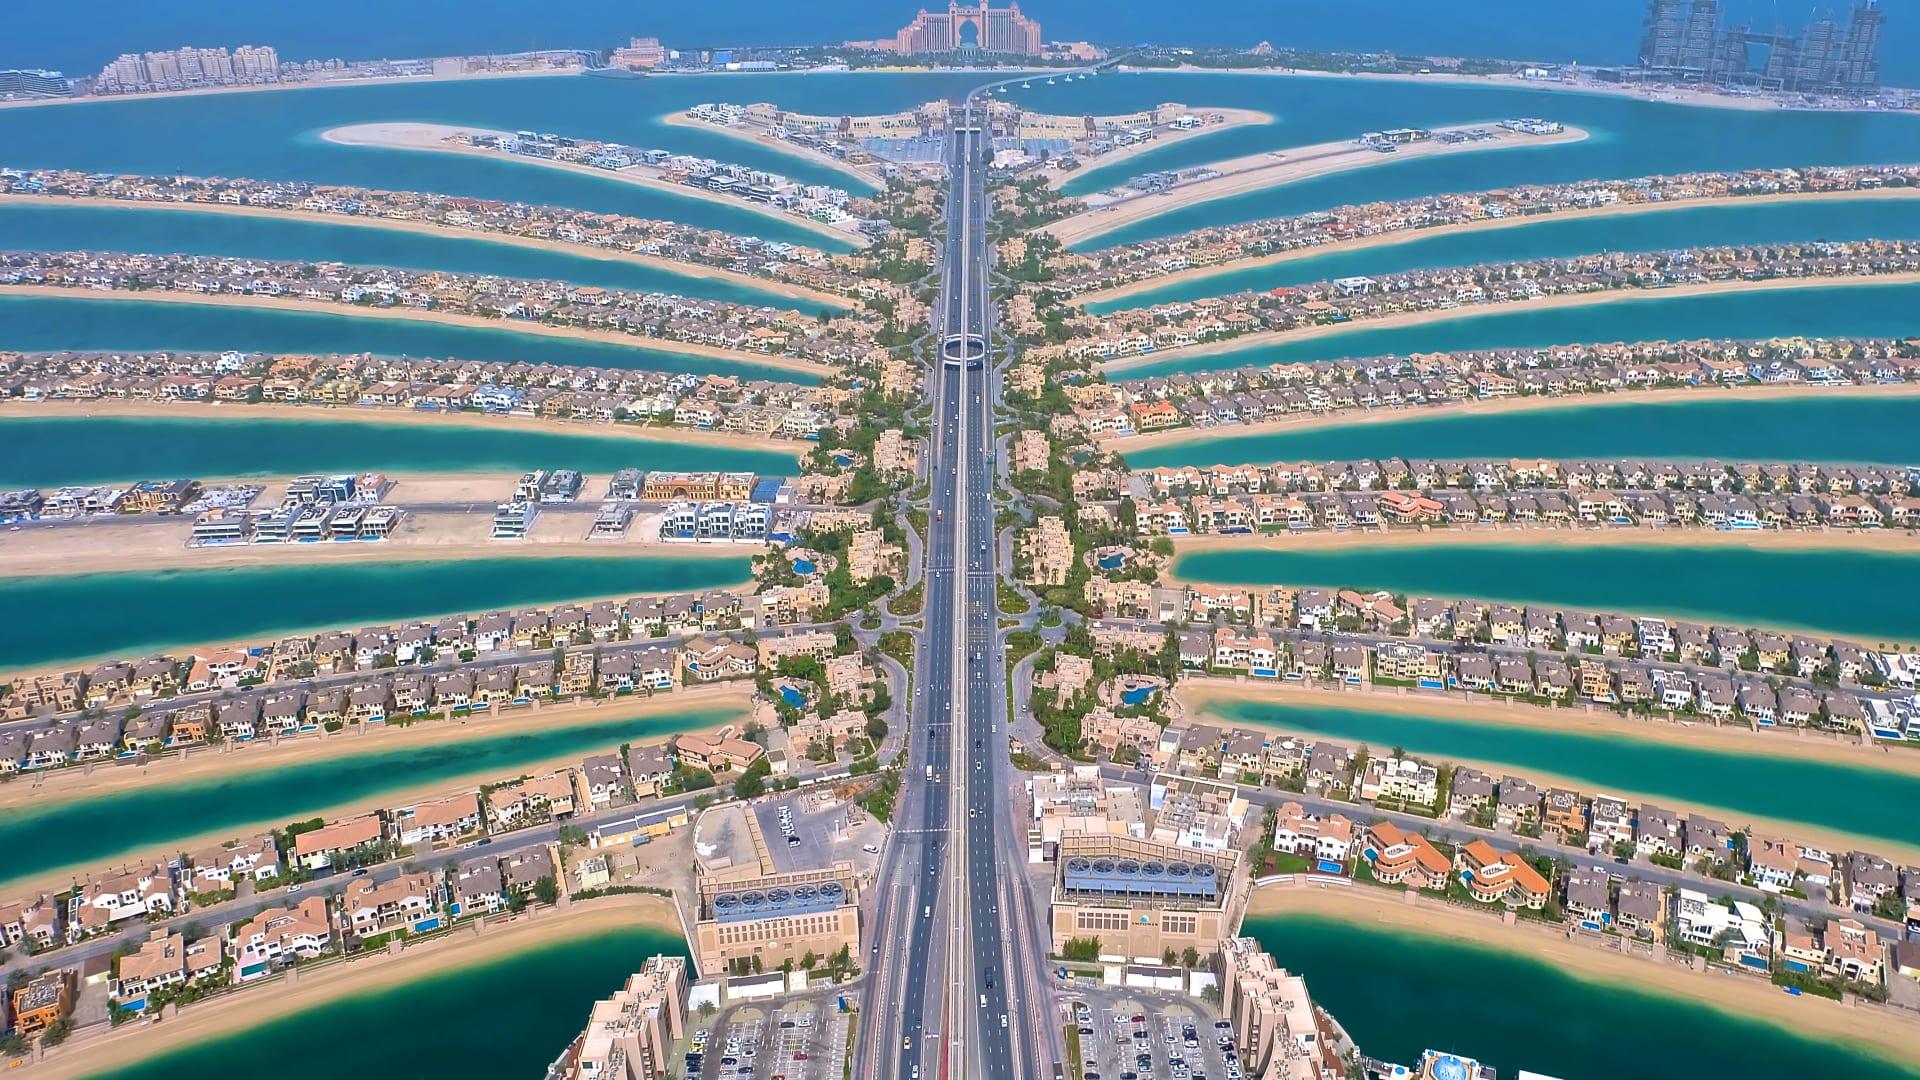 مدينة دبي بعدسة صانع المحتوى الفلبيني، أنجيلو سانتوس